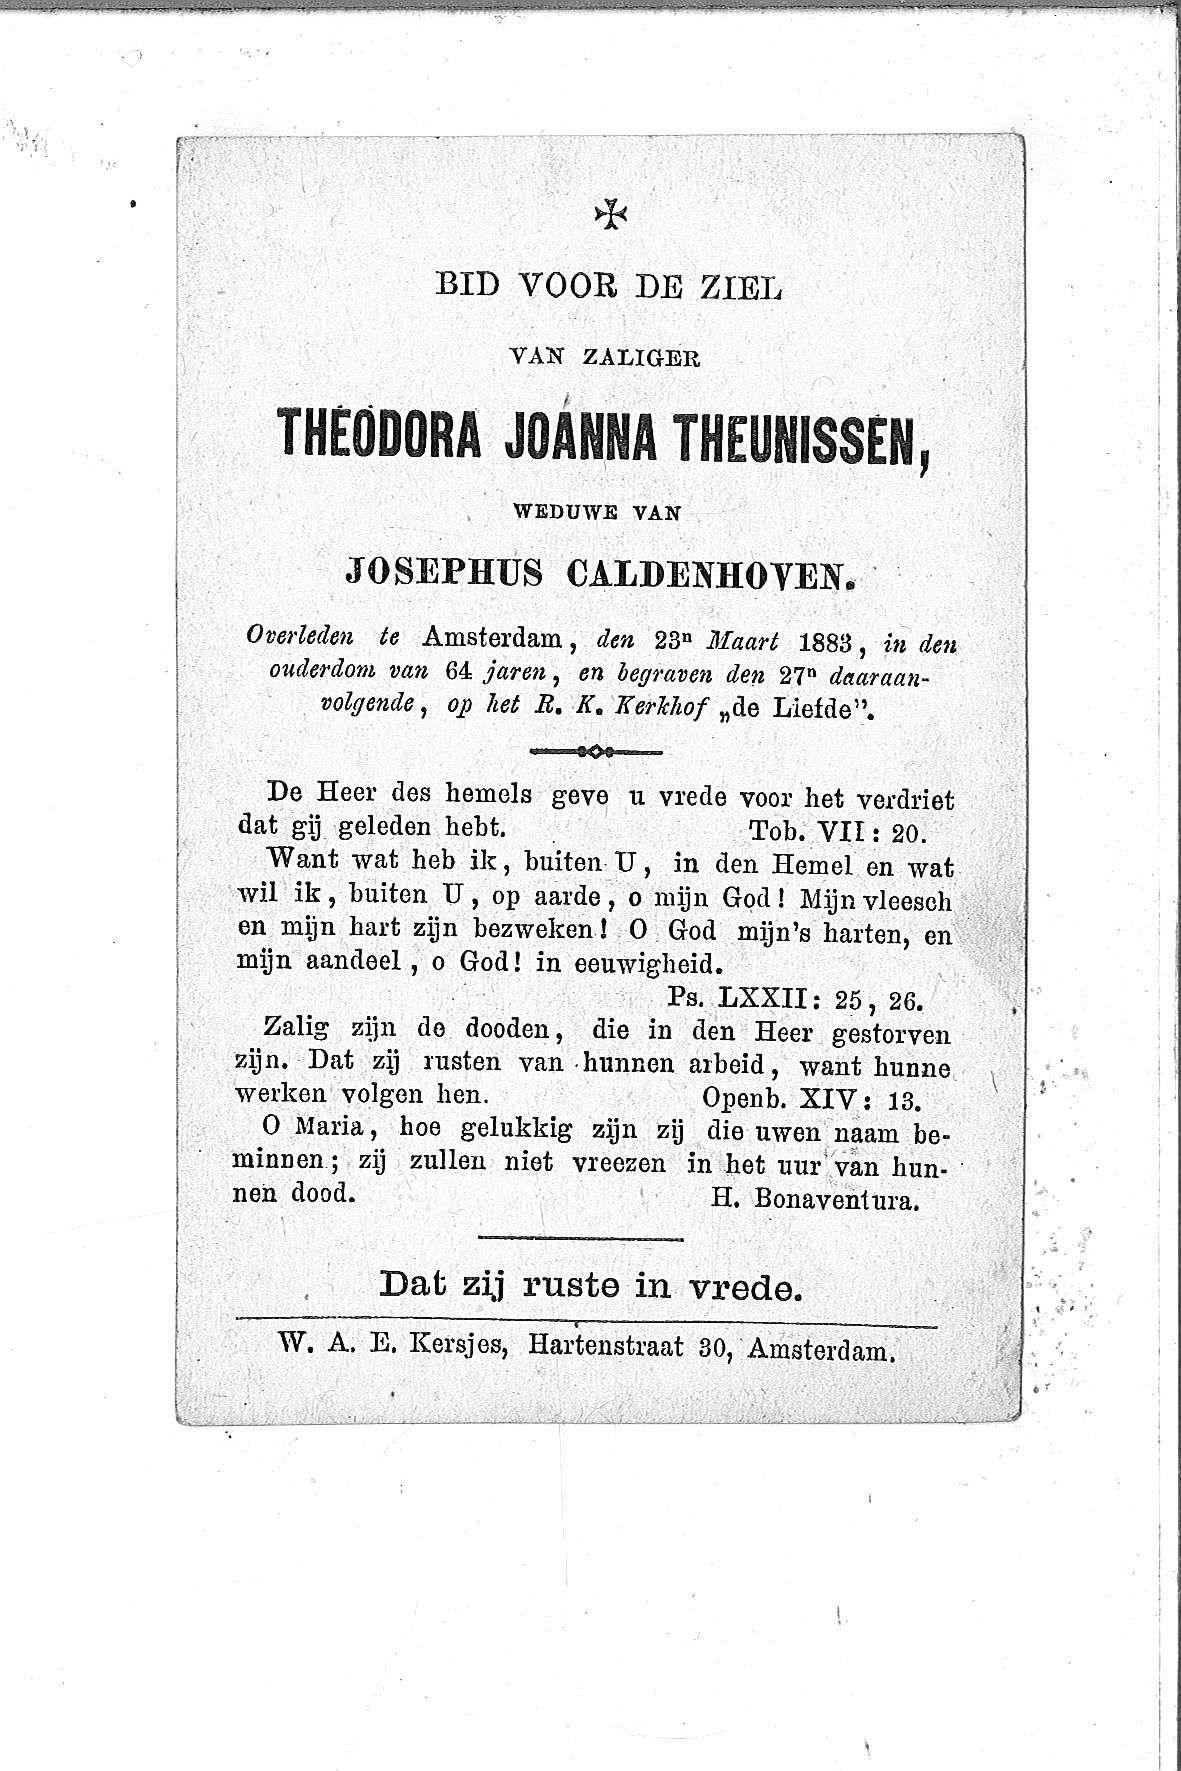 Theodora-Joanna(1883)20140813084409_00052.jpg